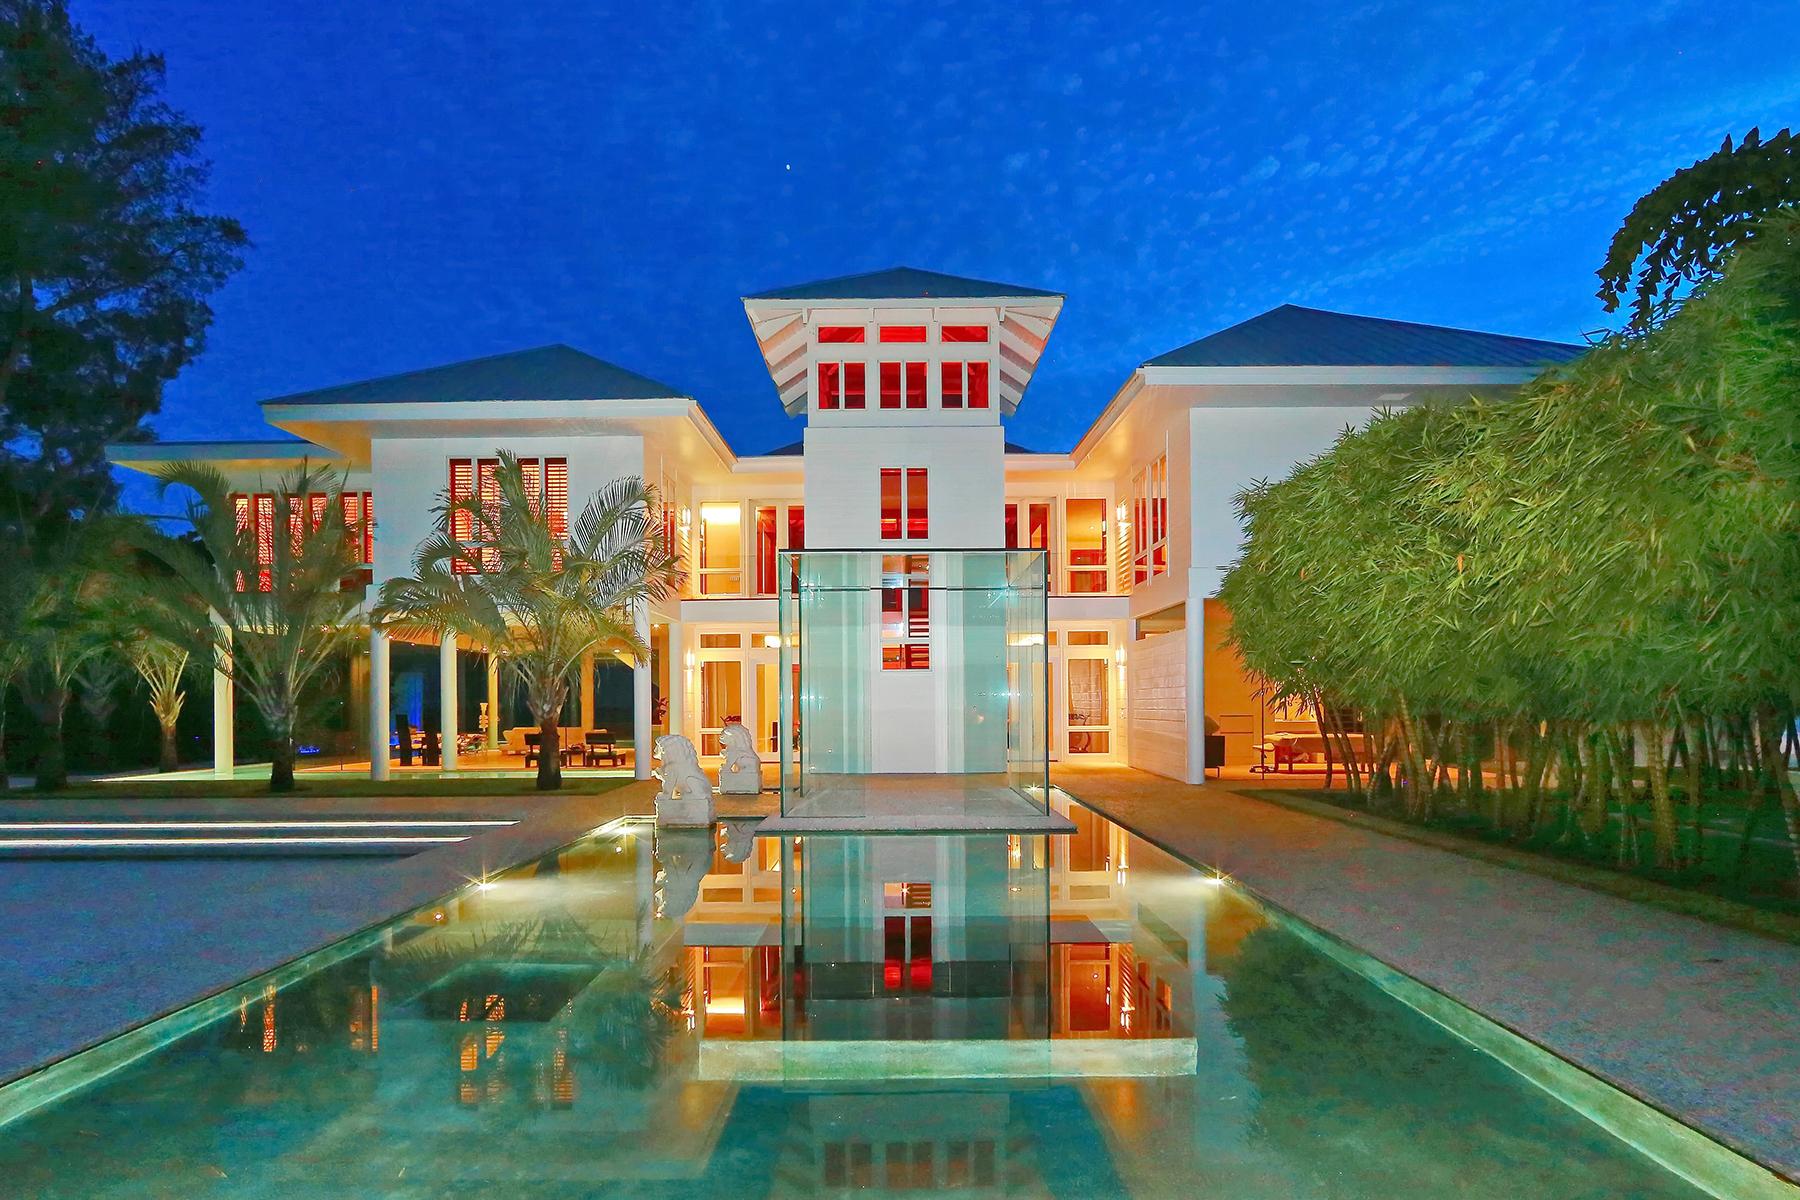 Single Family Homes für Verkauf beim SANDERLING CLUB 7712 Sanderling Rd, Sarasota, Florida 34242 Vereinigte Staaten